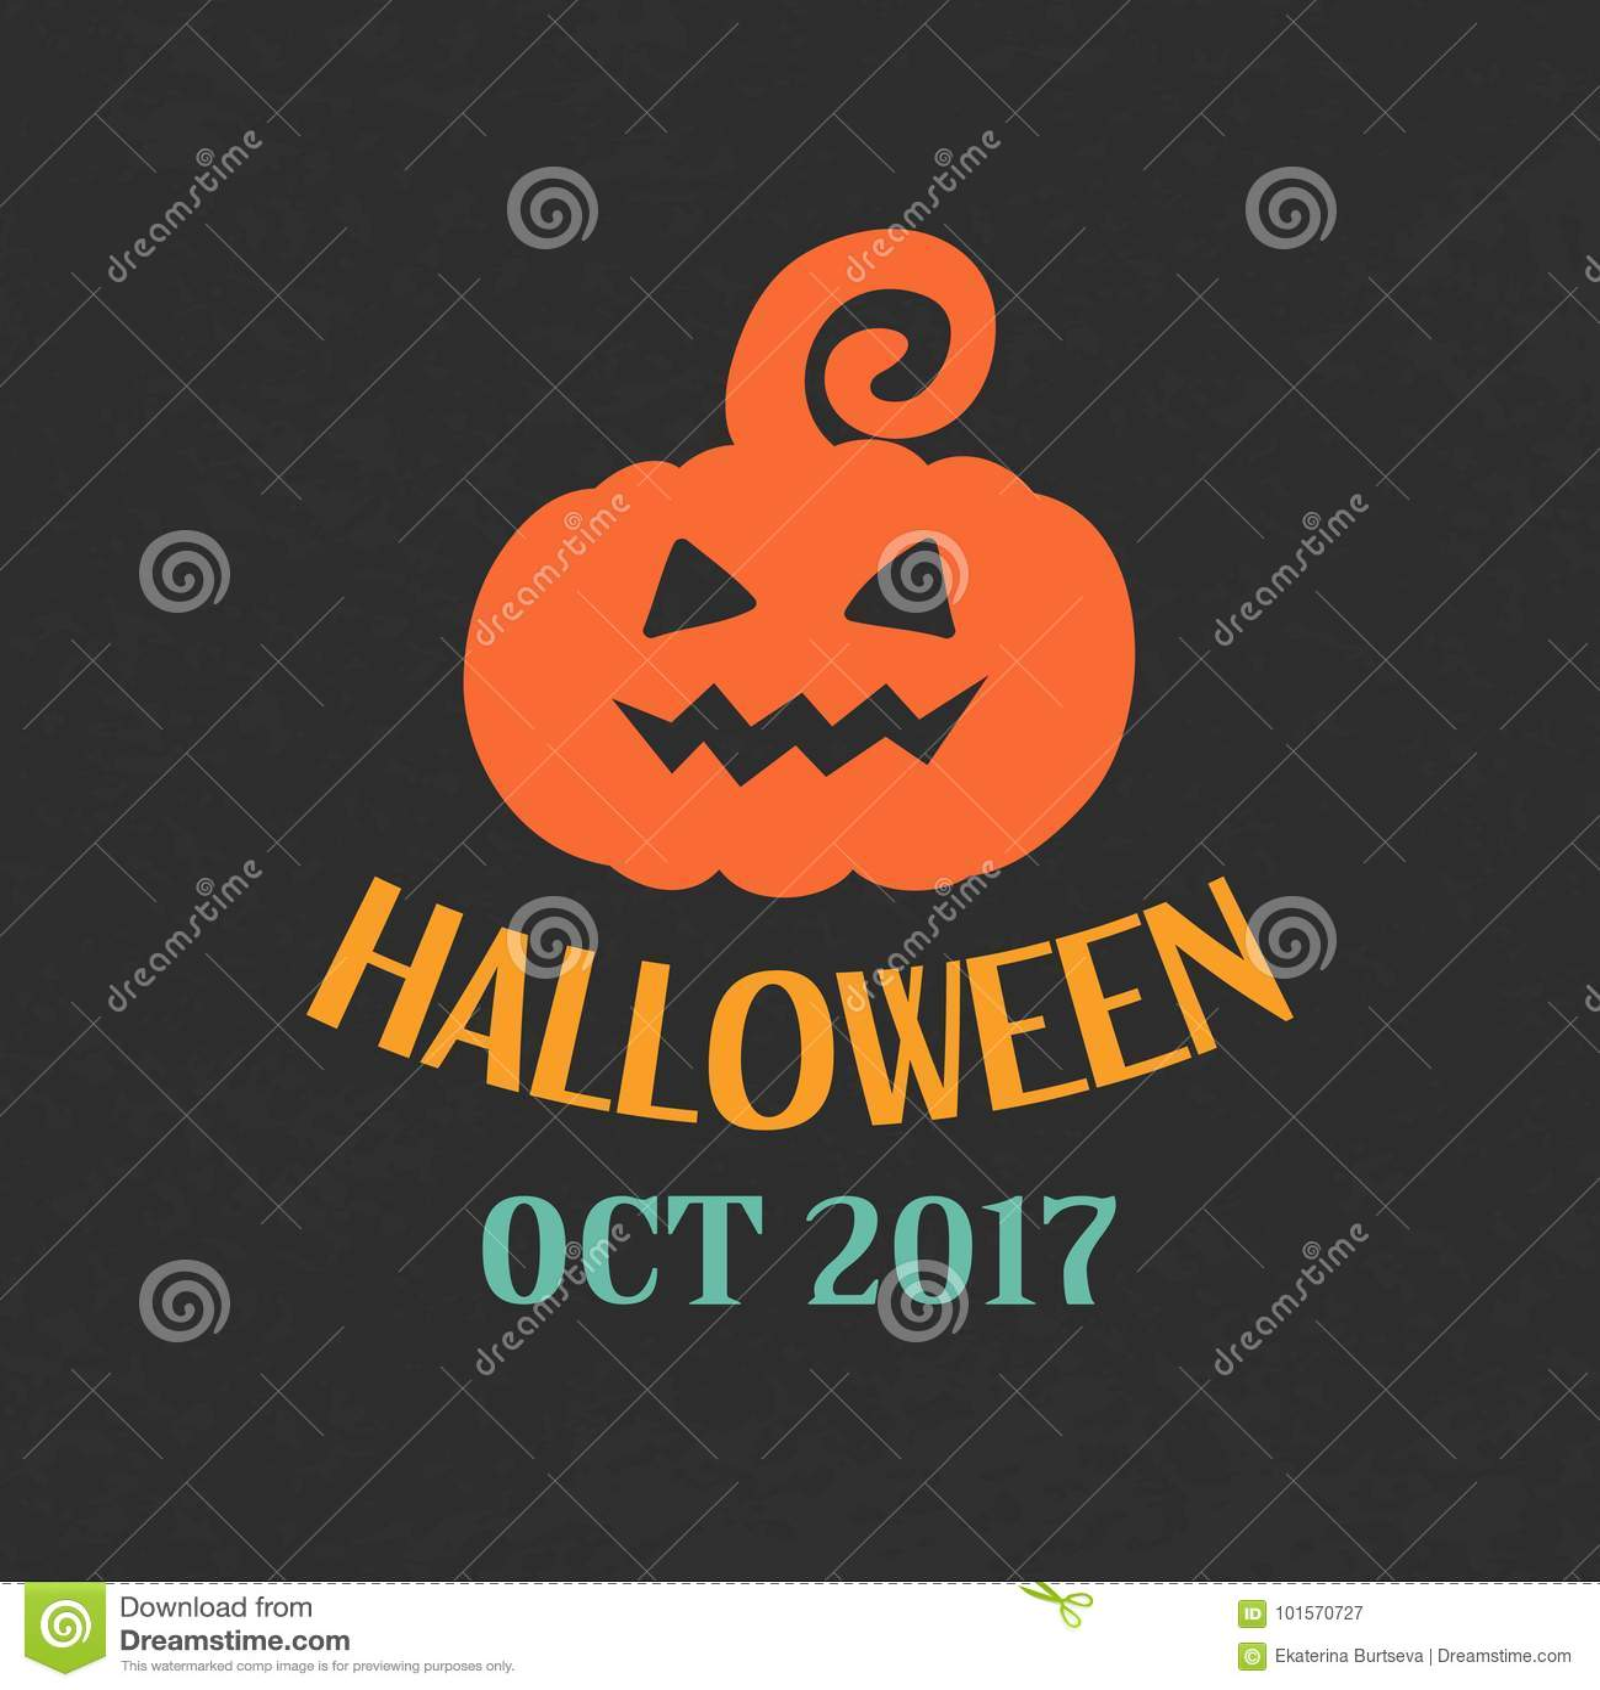 Halloween Pumpkin Emblem Template, Logo Badge Stock Vector ...